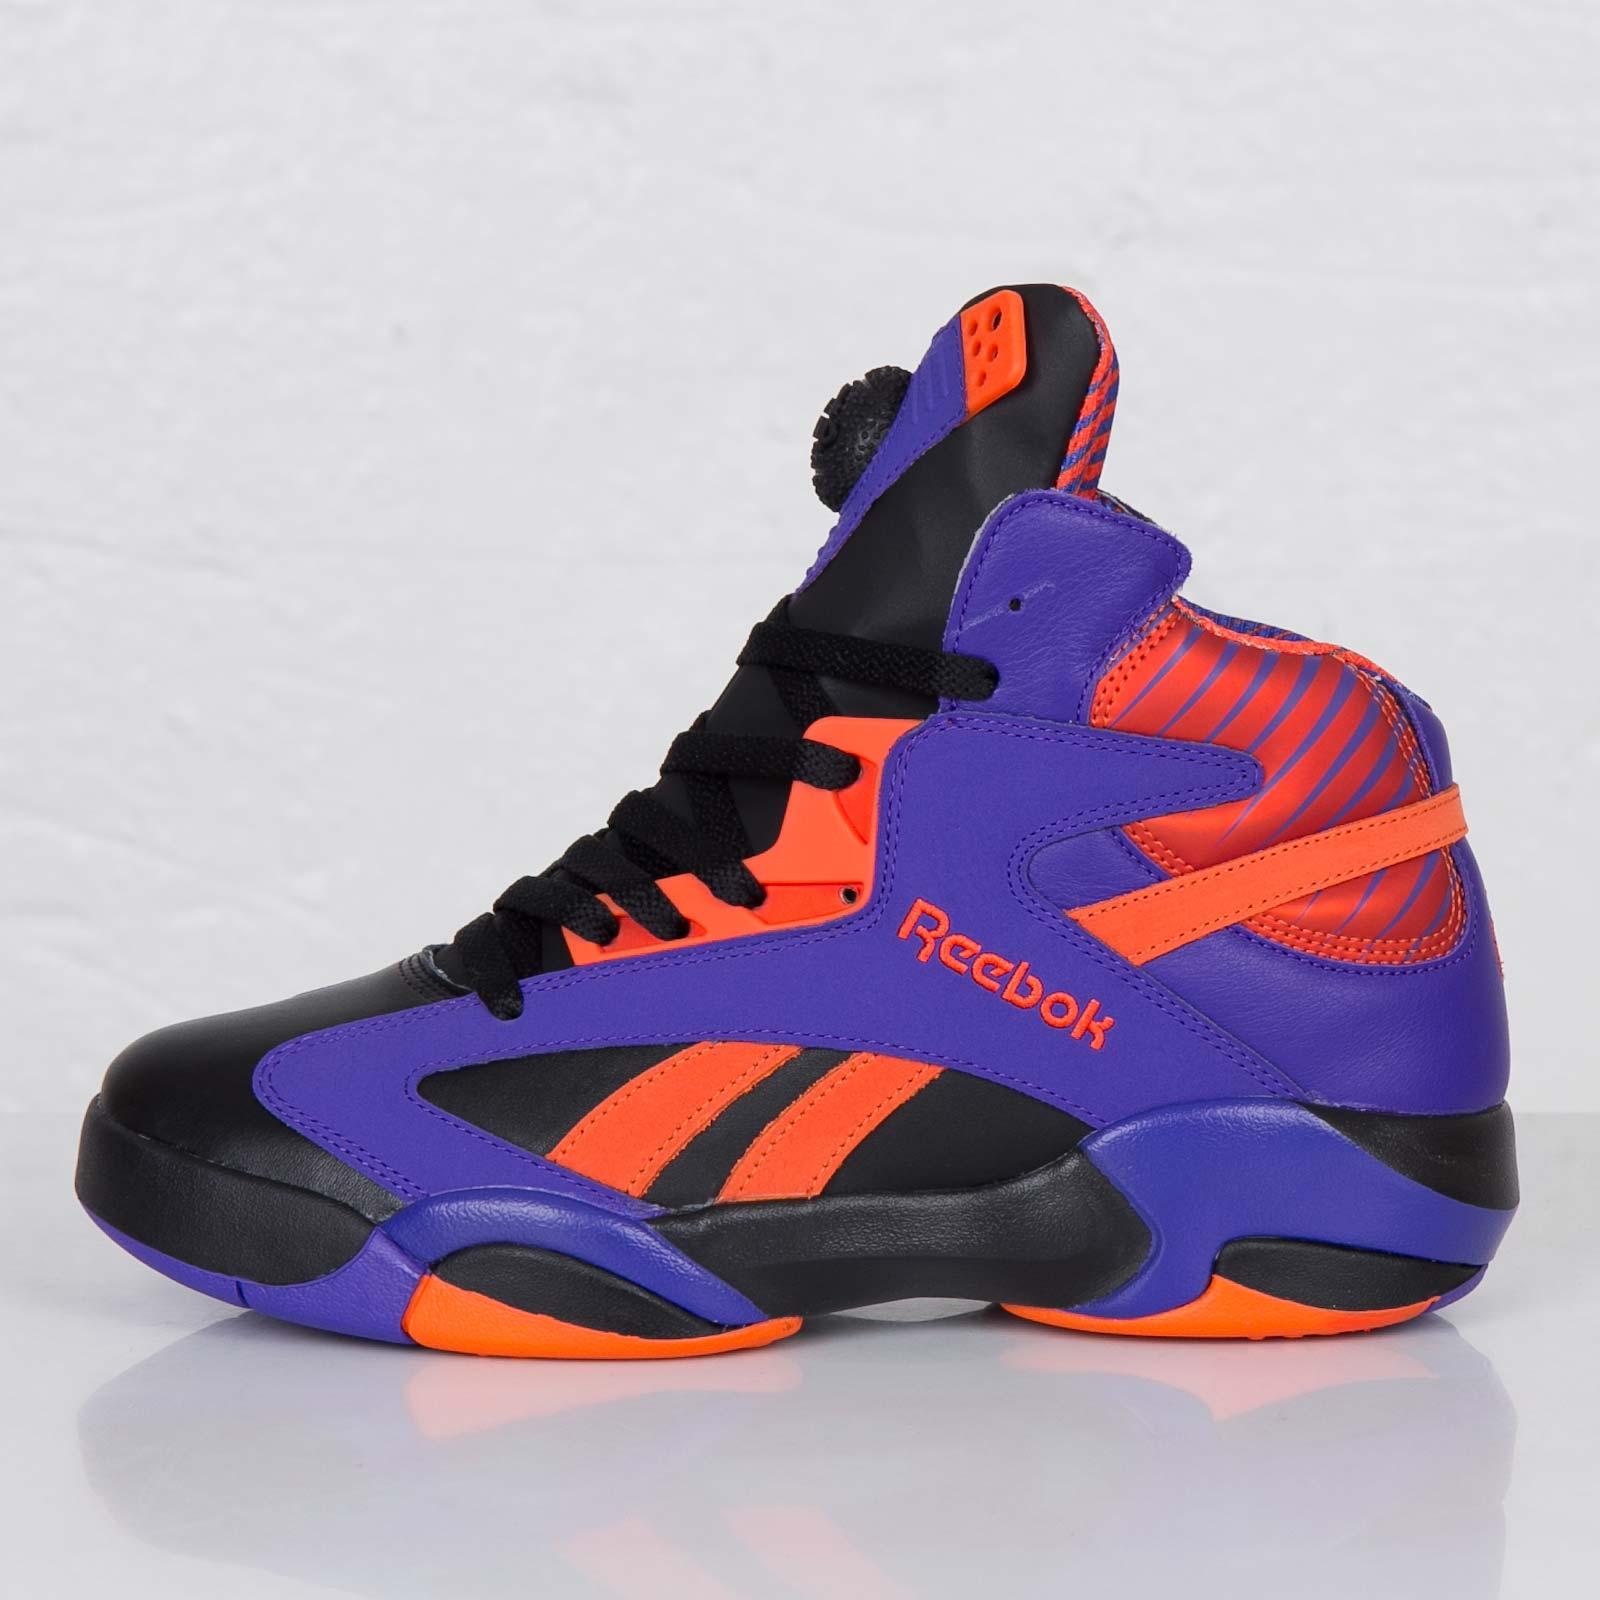 ca2e463e189d Reebok Shaq Attaq - V61029 - Sneakersnstuff